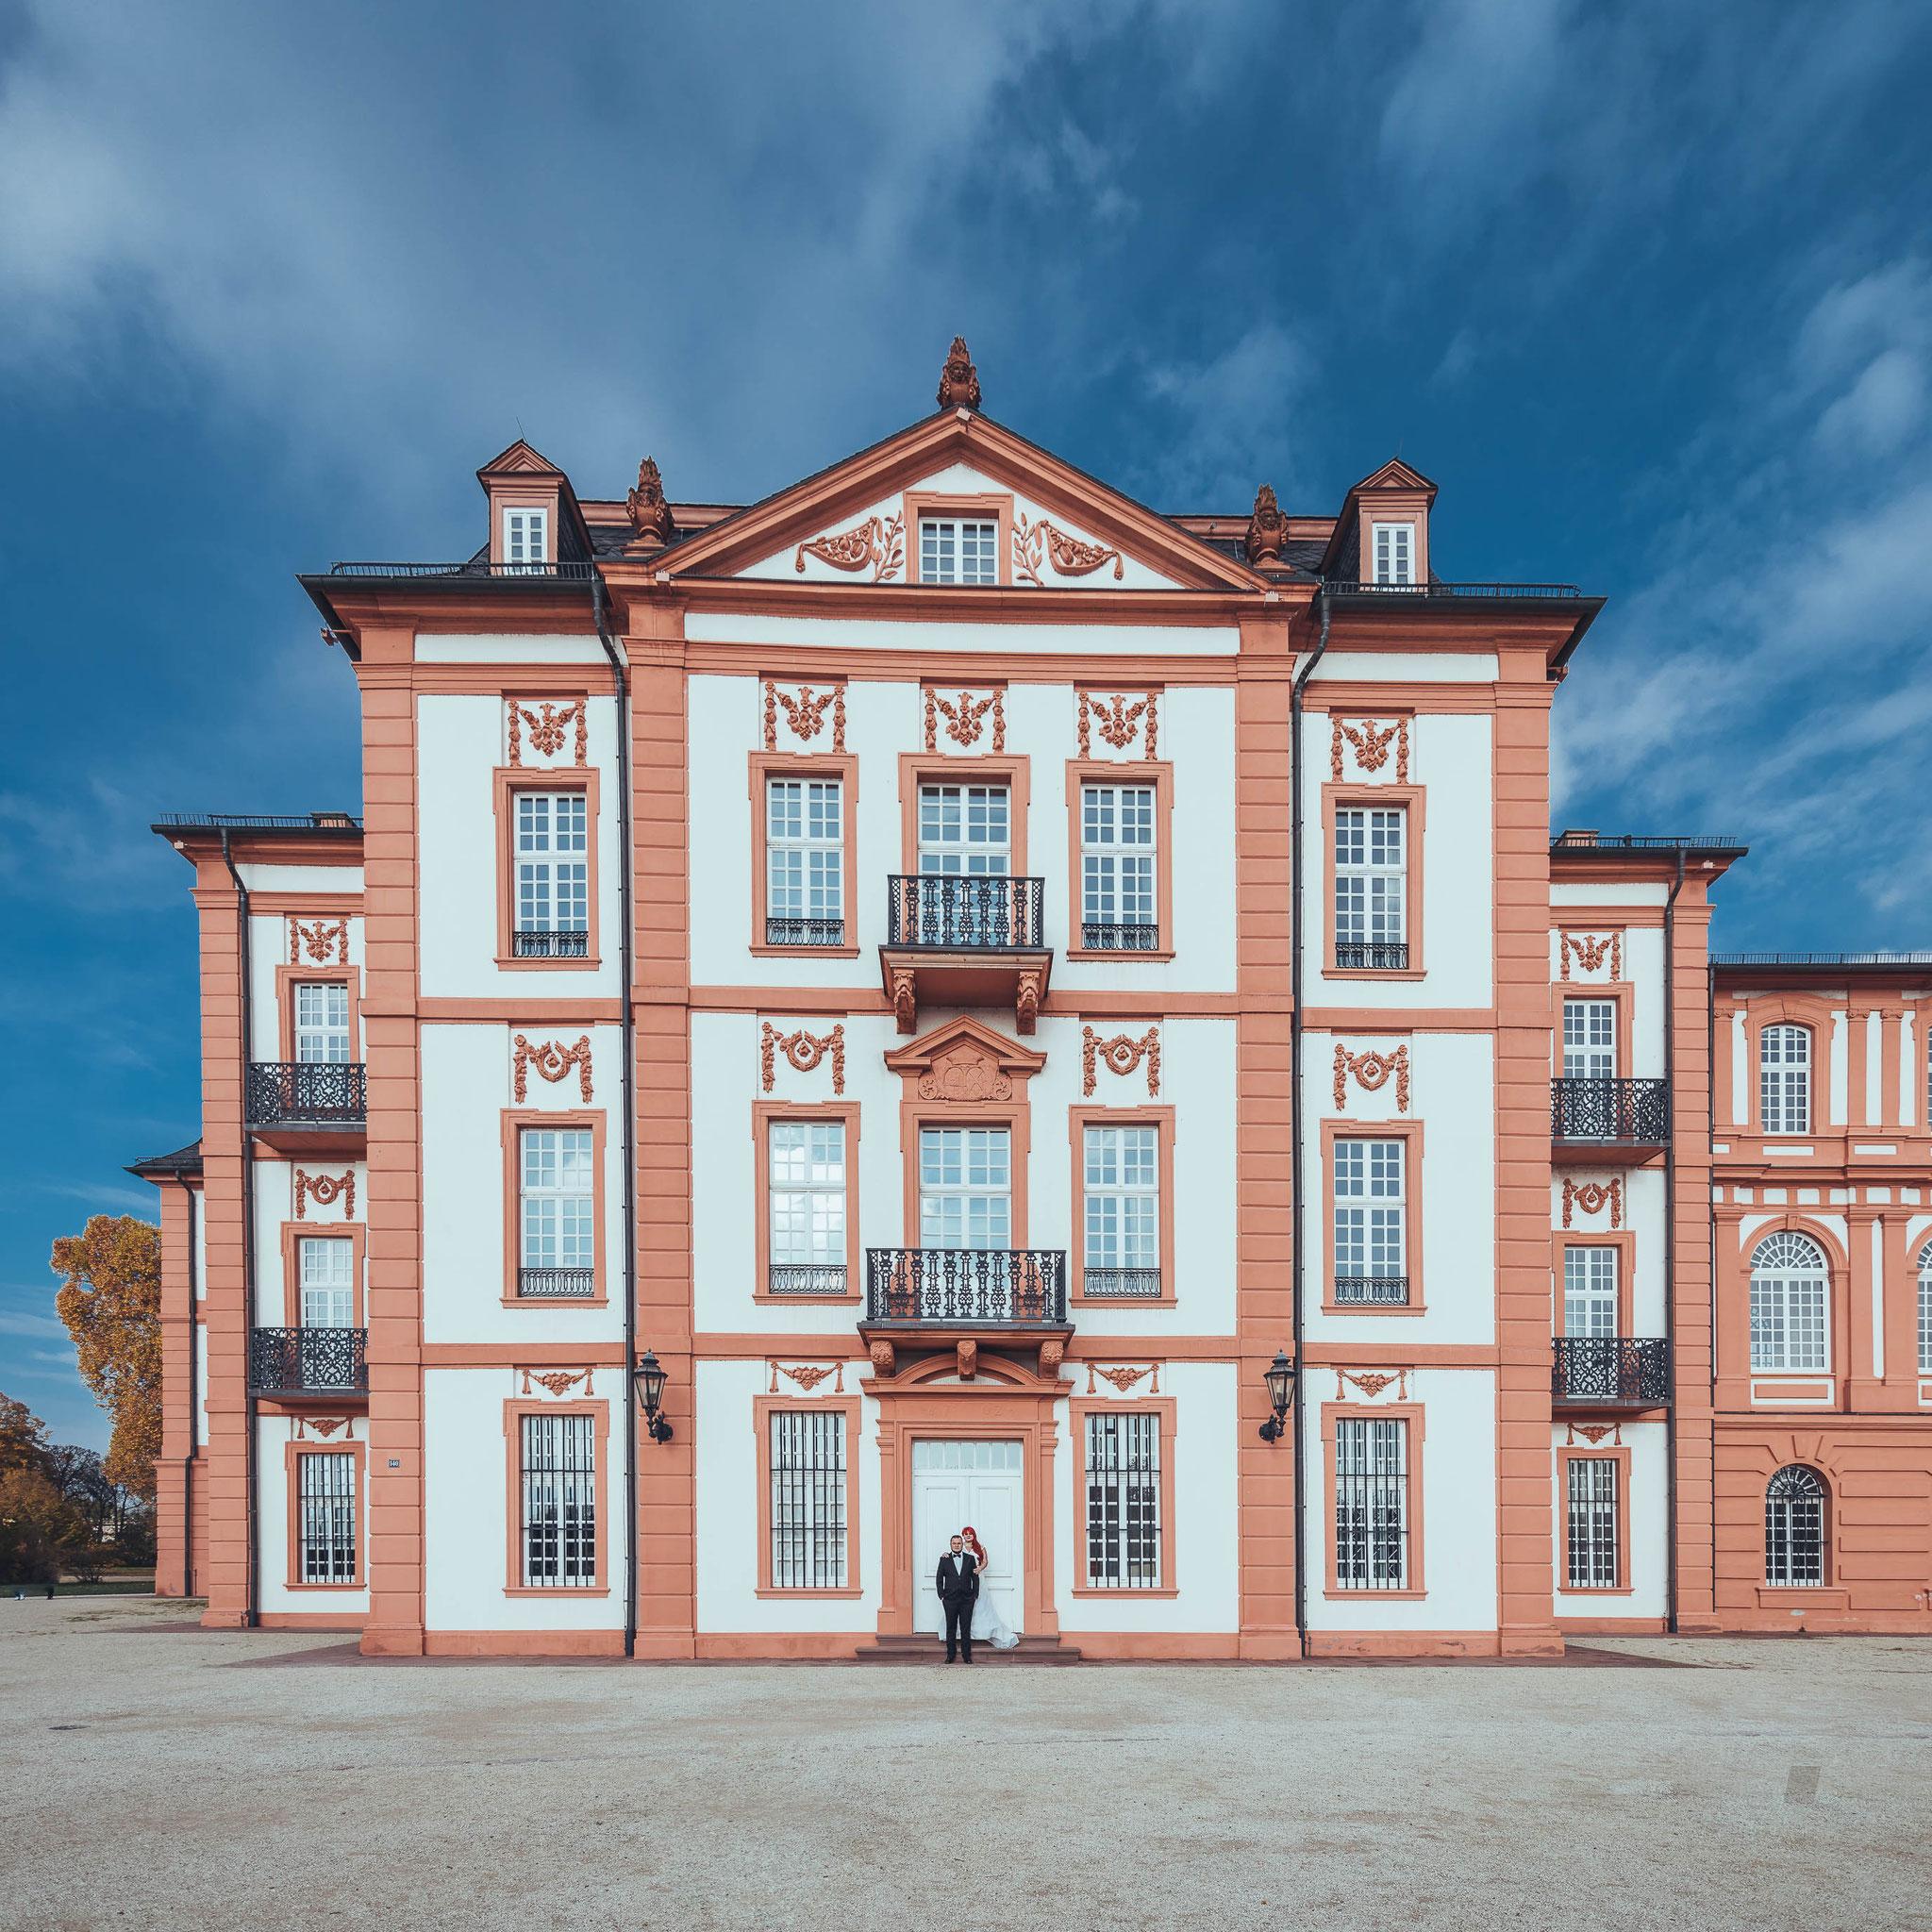 Foto und Video für internationale Hochzeit in Bad Soden, Kassel, Mannheim, Koblenz, Bad Homburg